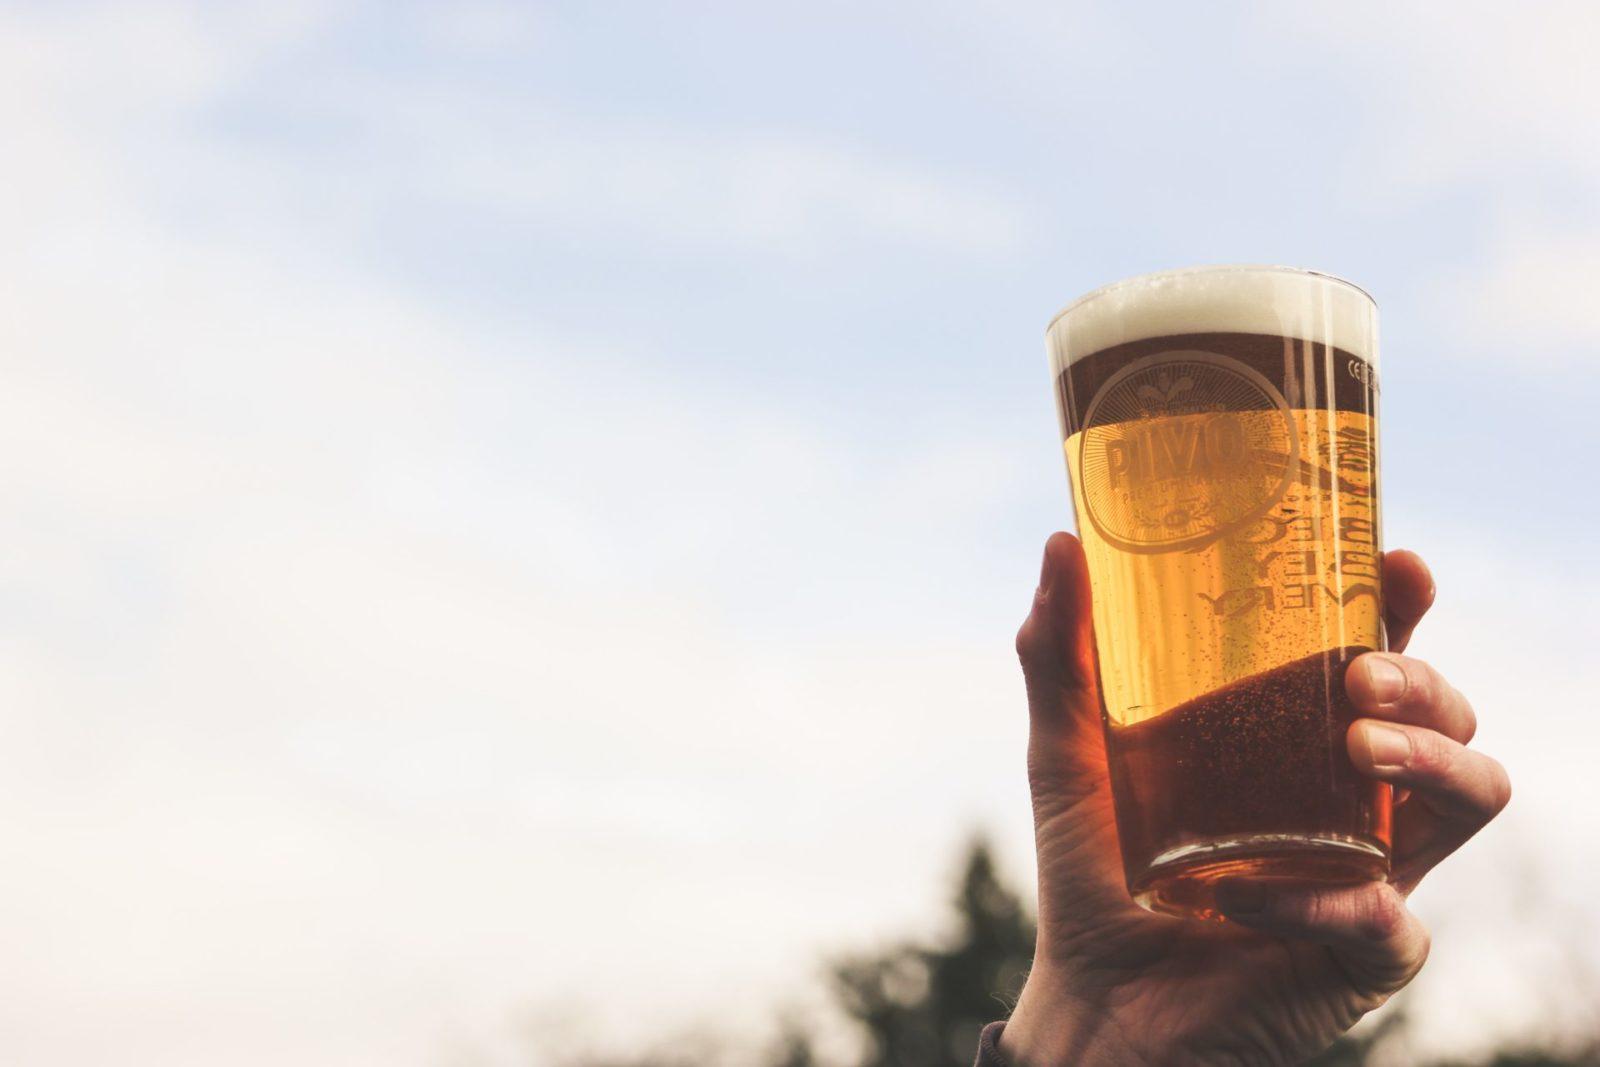 Bier in der Hand